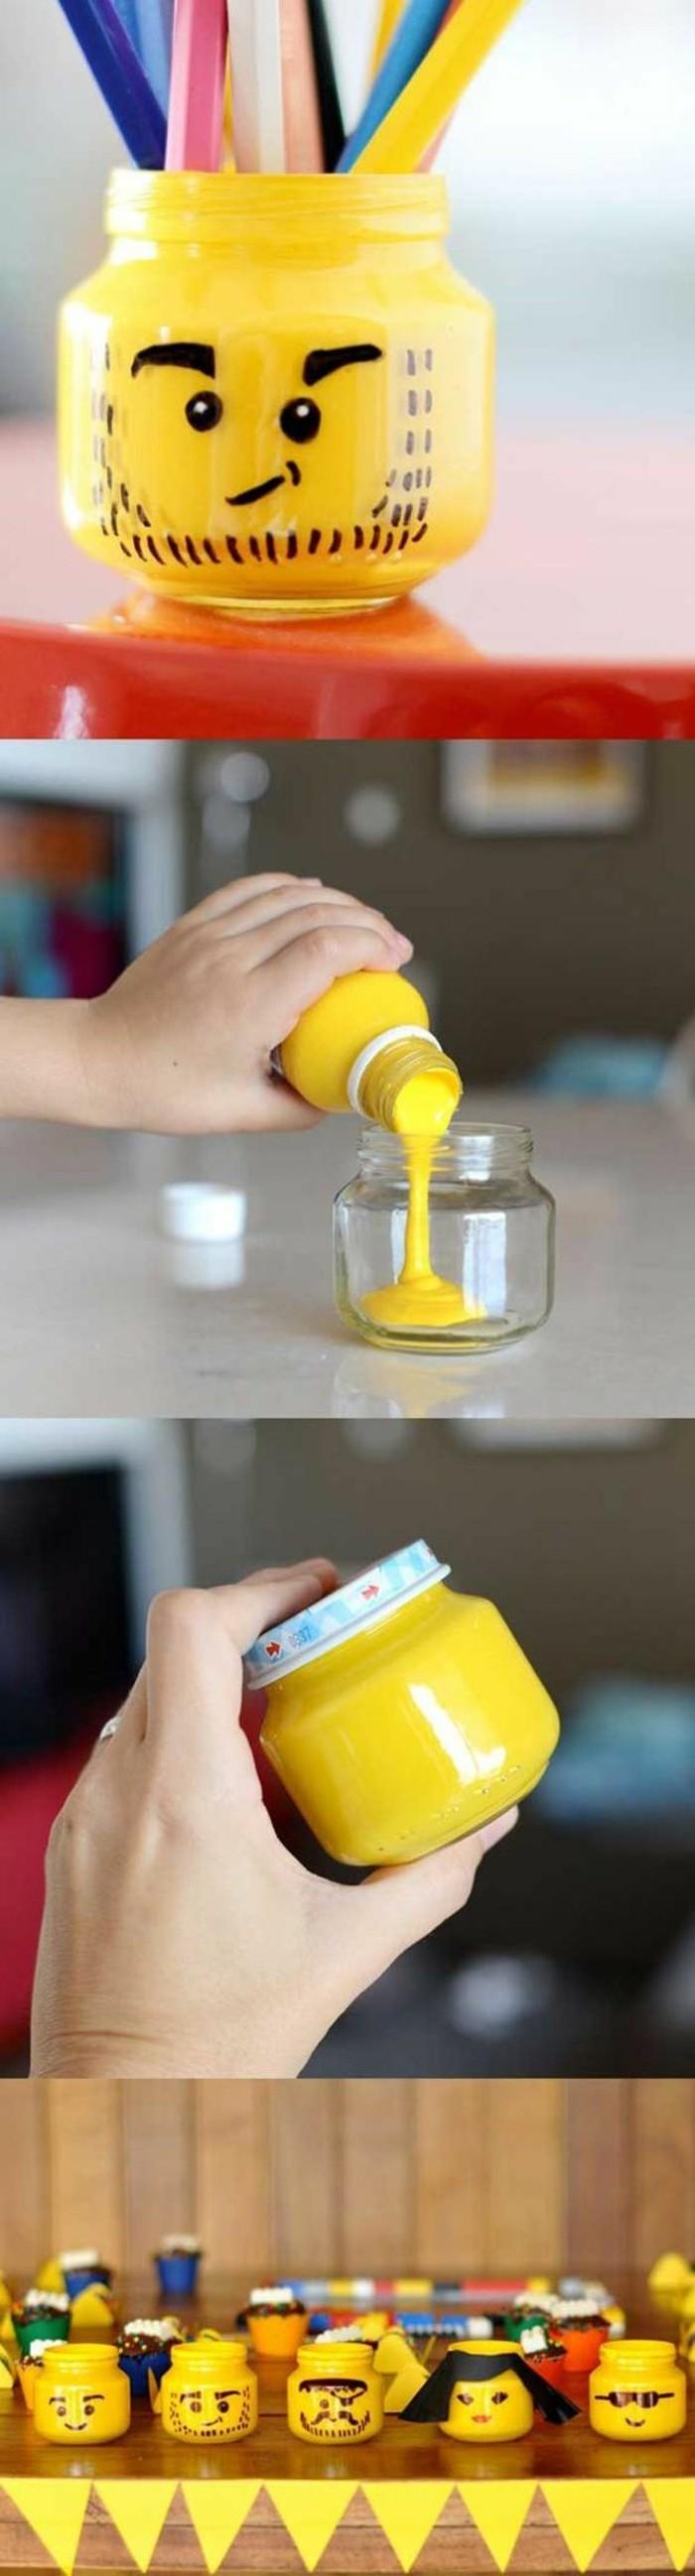 décoration-pot-de-confiture-peinture-jaune-smileys-crayons-accessoires-bureaux